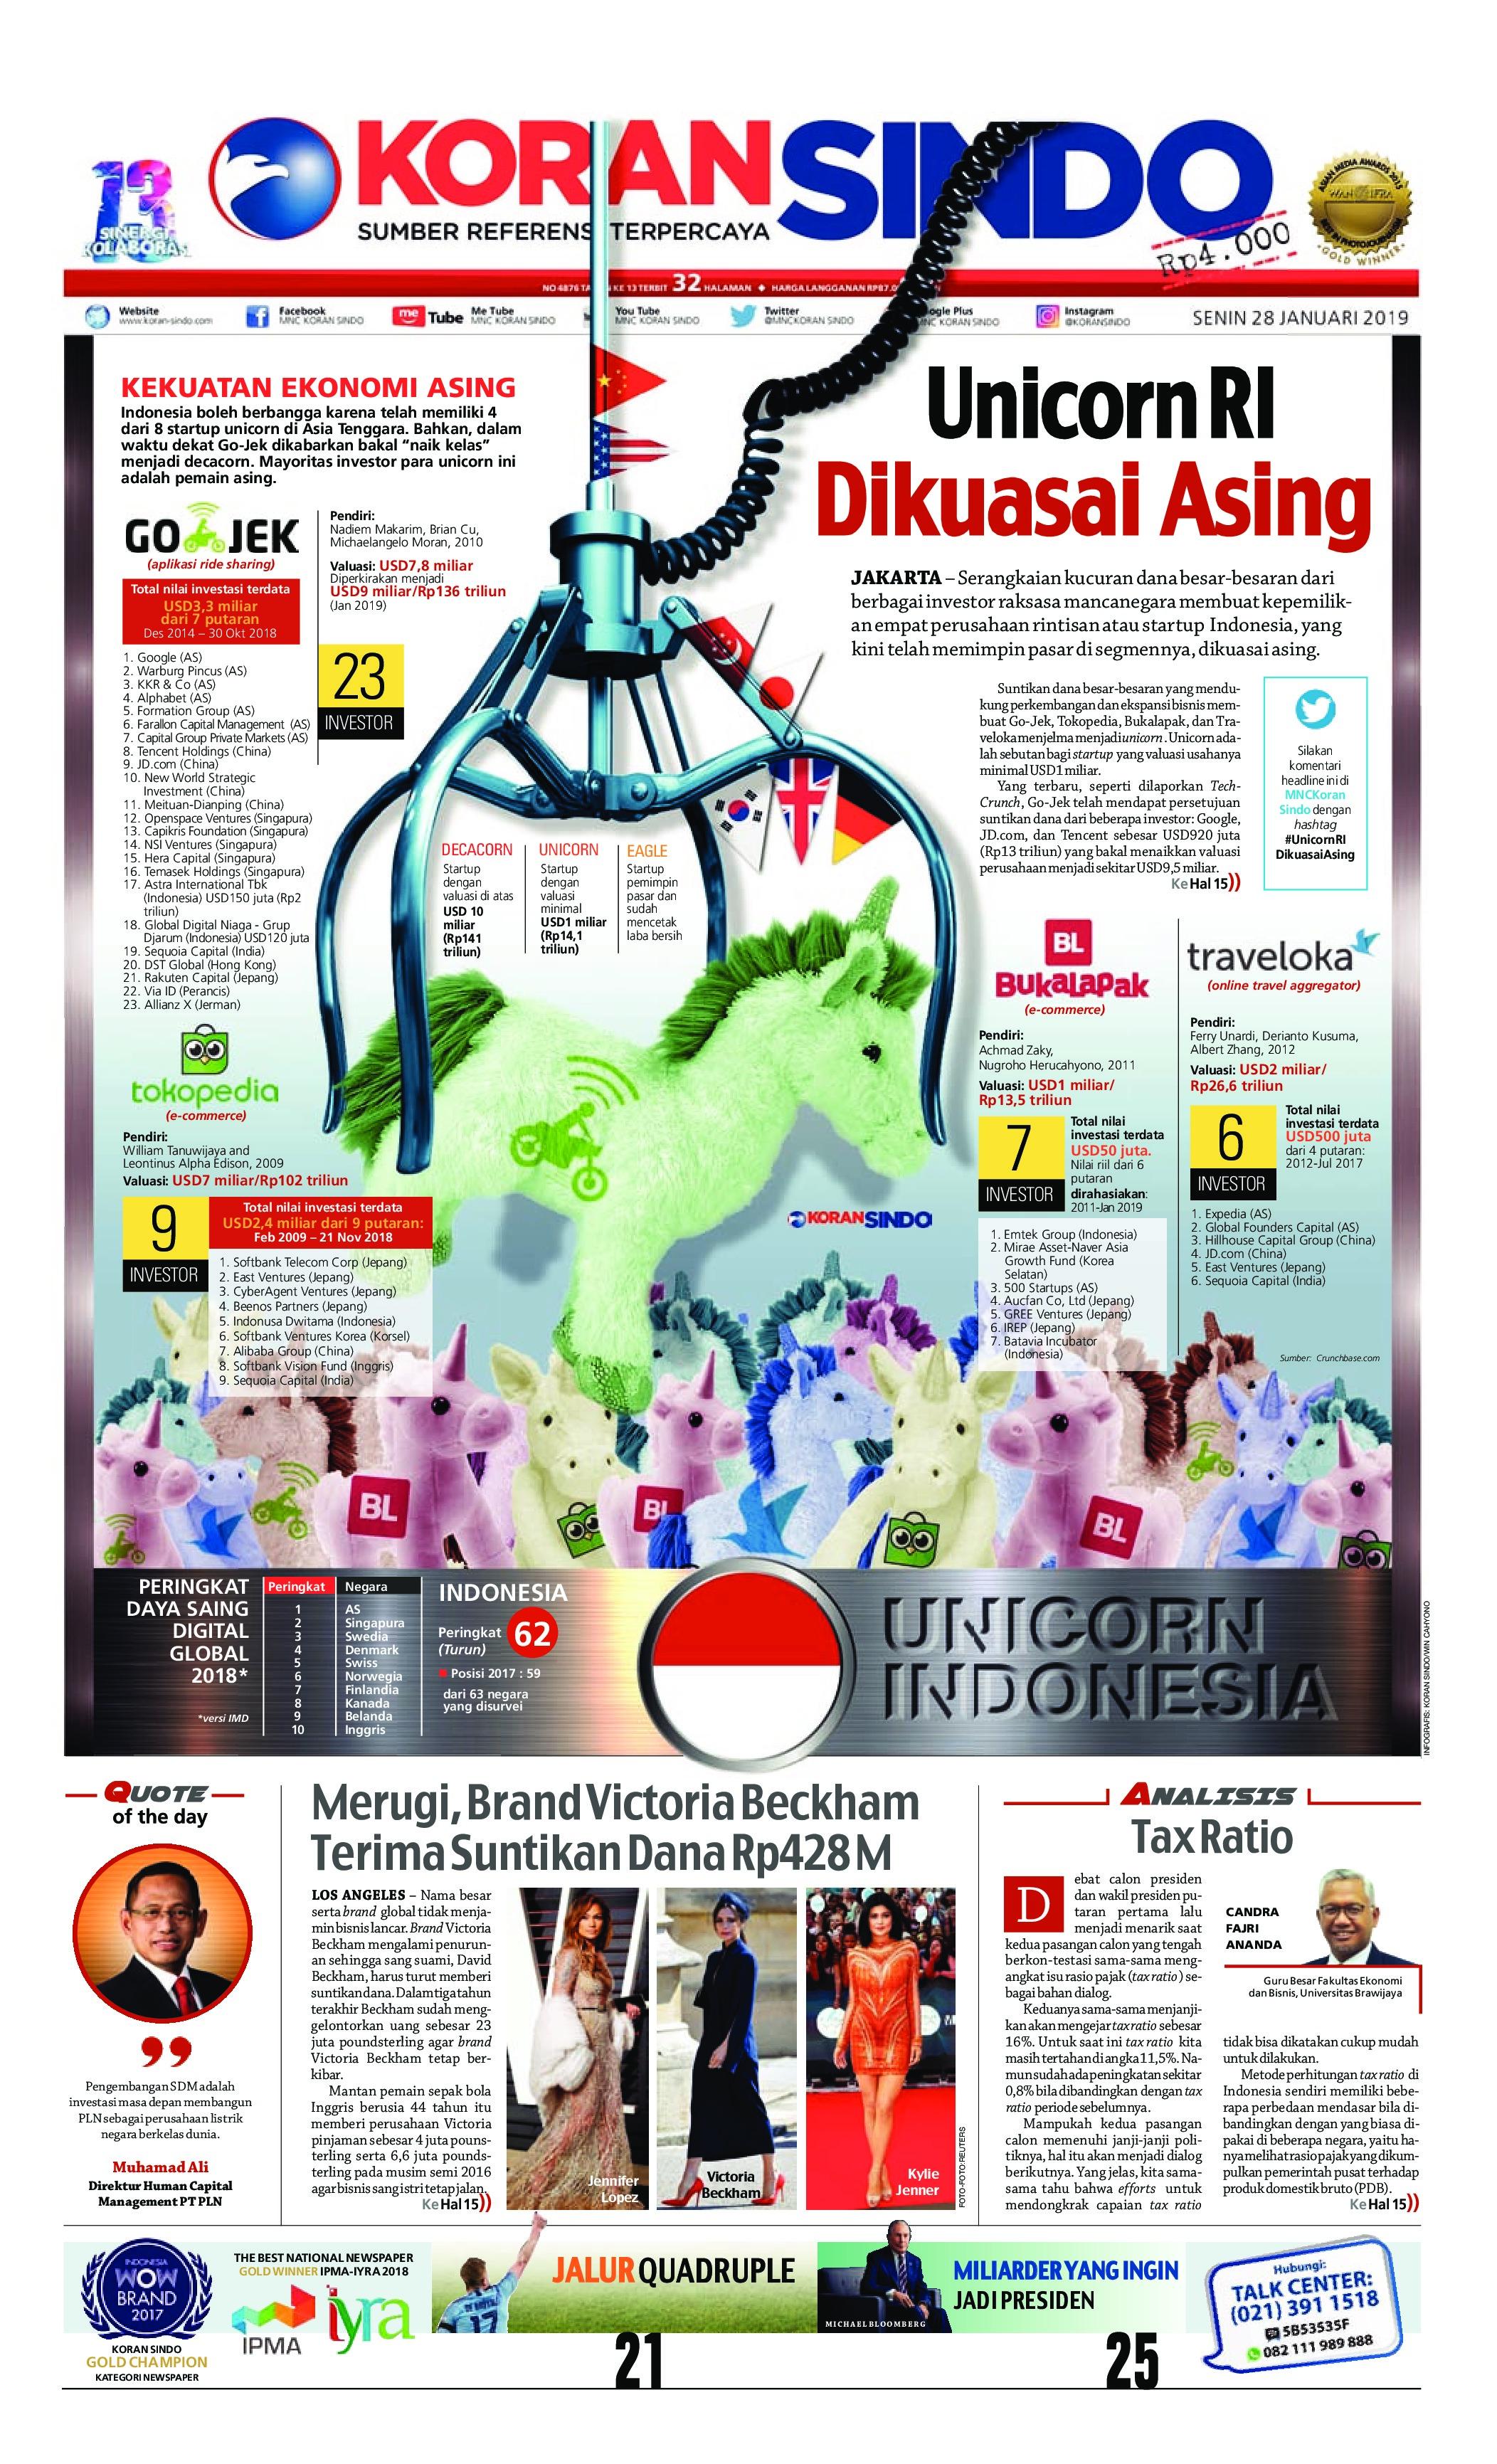 Koran Sindo Newspaper 28 January 2019 - Gramedia Digital